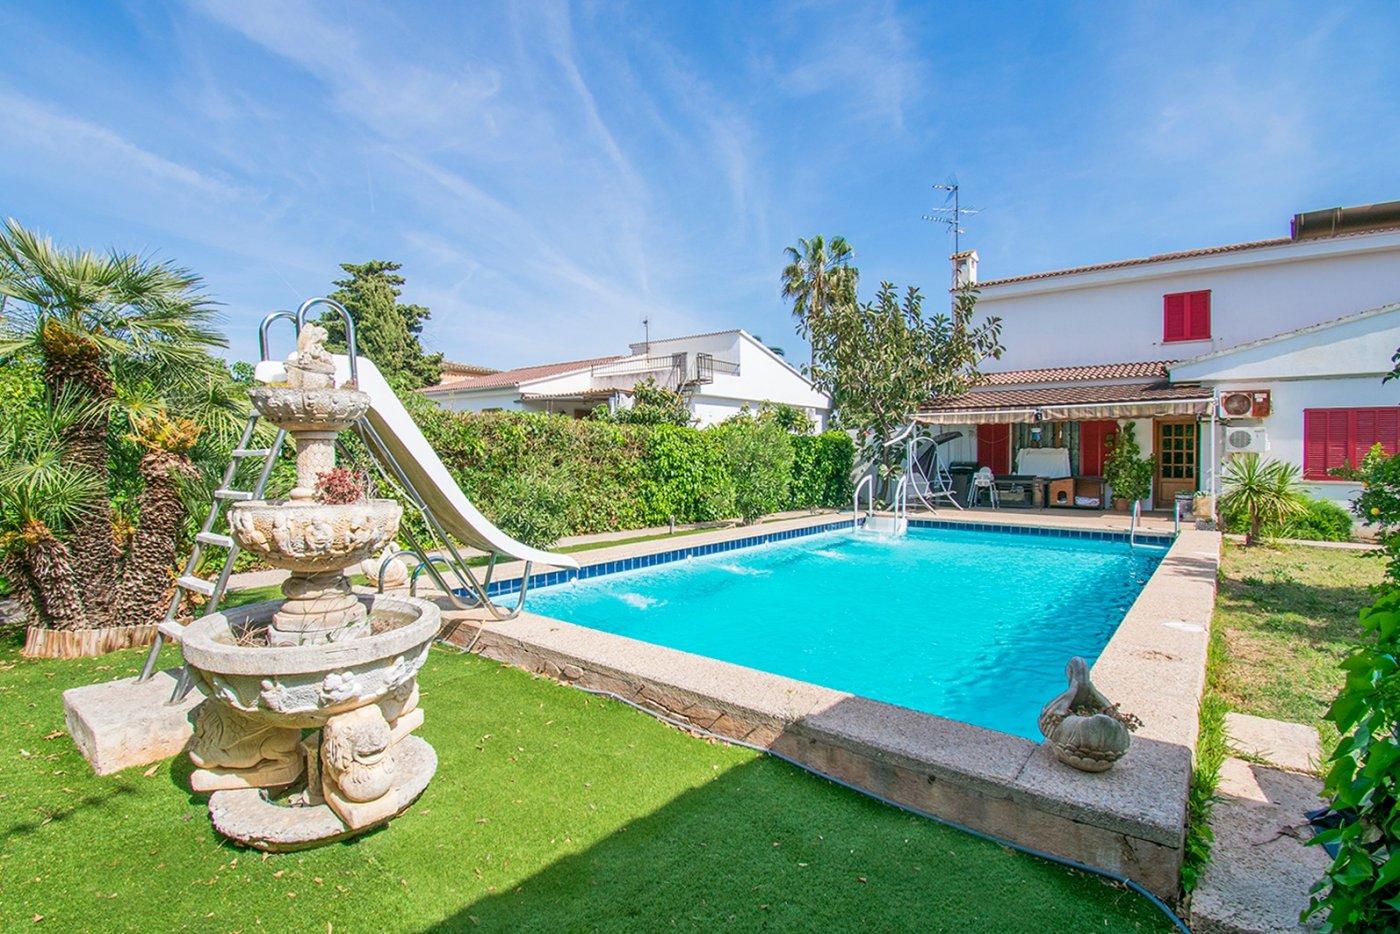 Casa  Marratxí ,pont d\'inca nou. Unifamiliar de 5 habitaciones con jardín y piscina propia en el